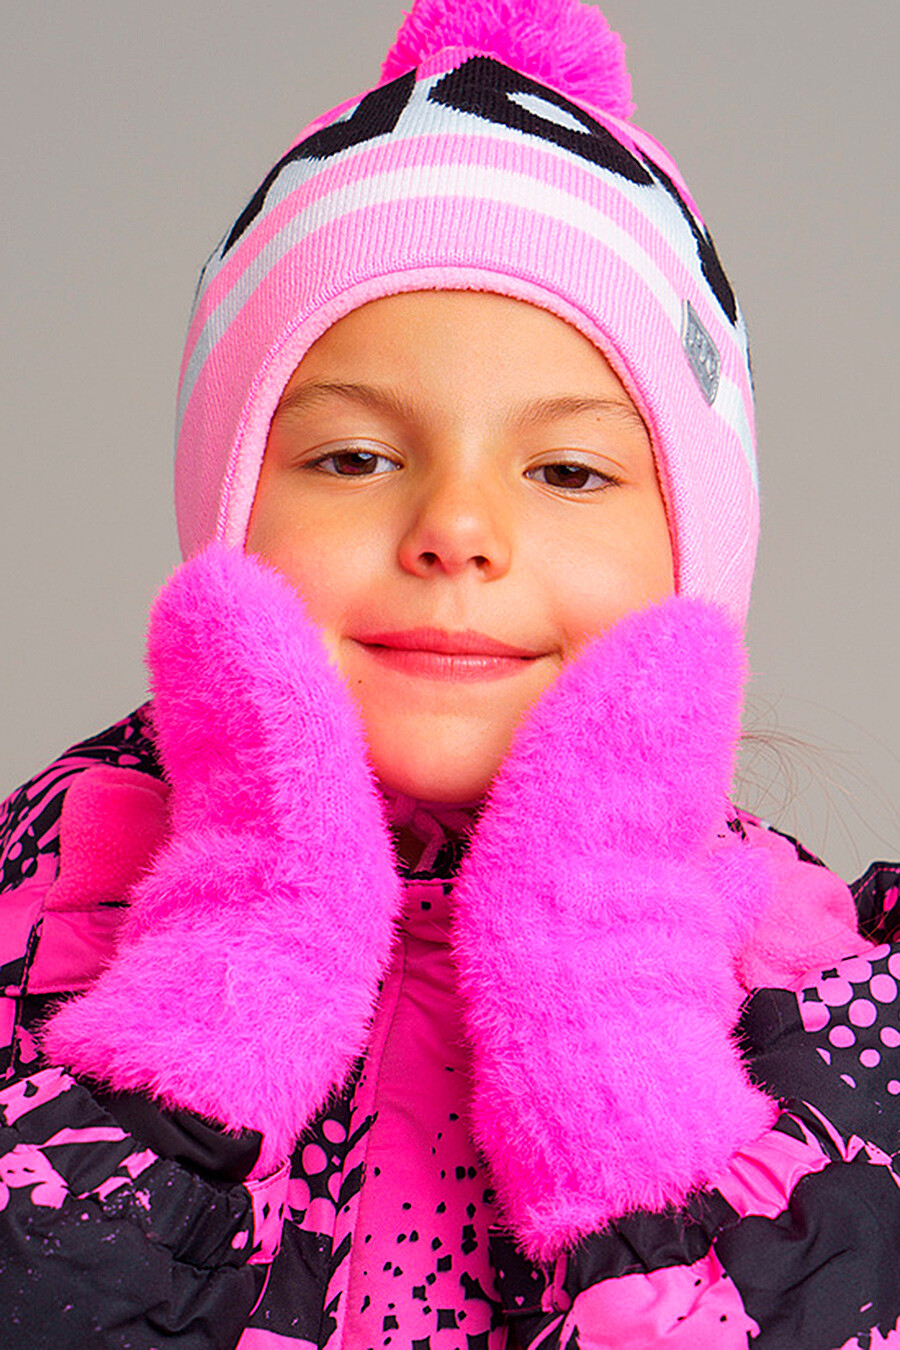 Варежки для девочек PLAYTODAY 239445 купить оптом от производителя. Совместная покупка детской одежды в OptMoyo